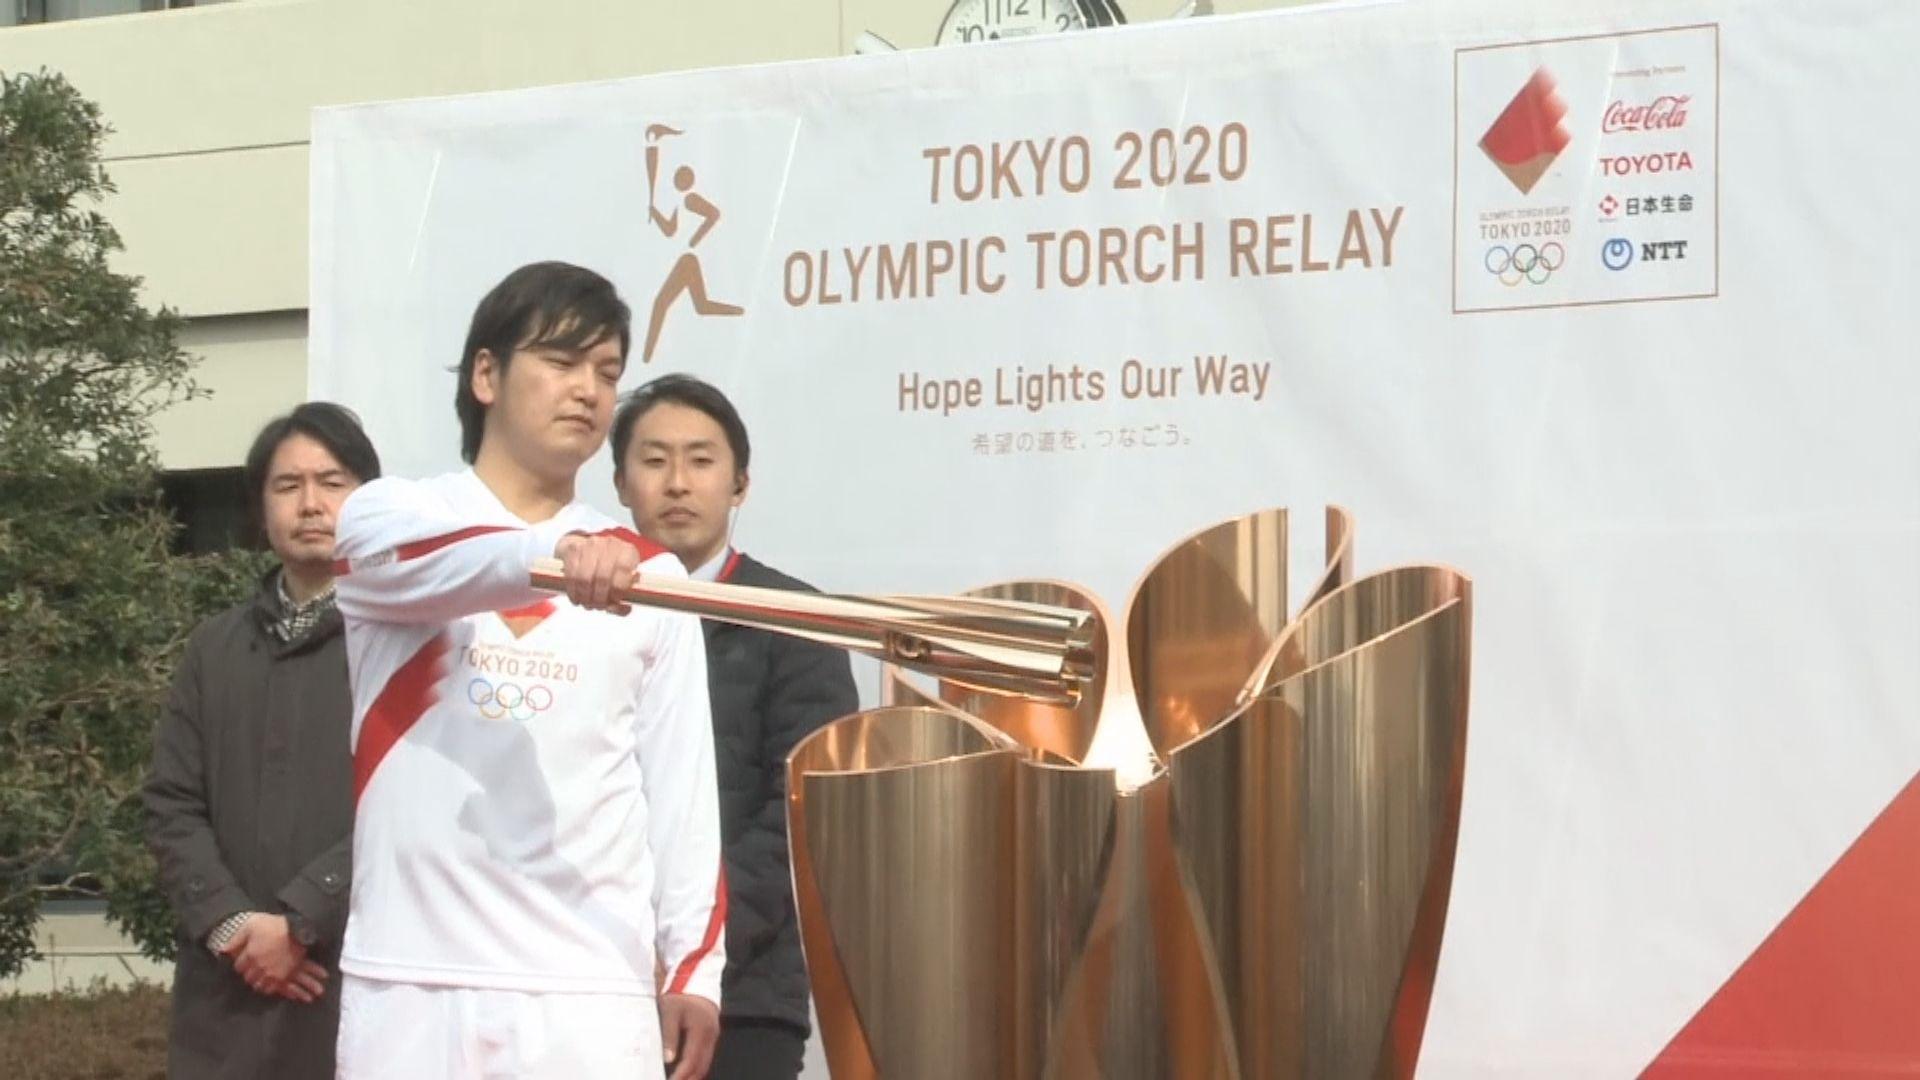 東京奧運為聖火傳遞綵排